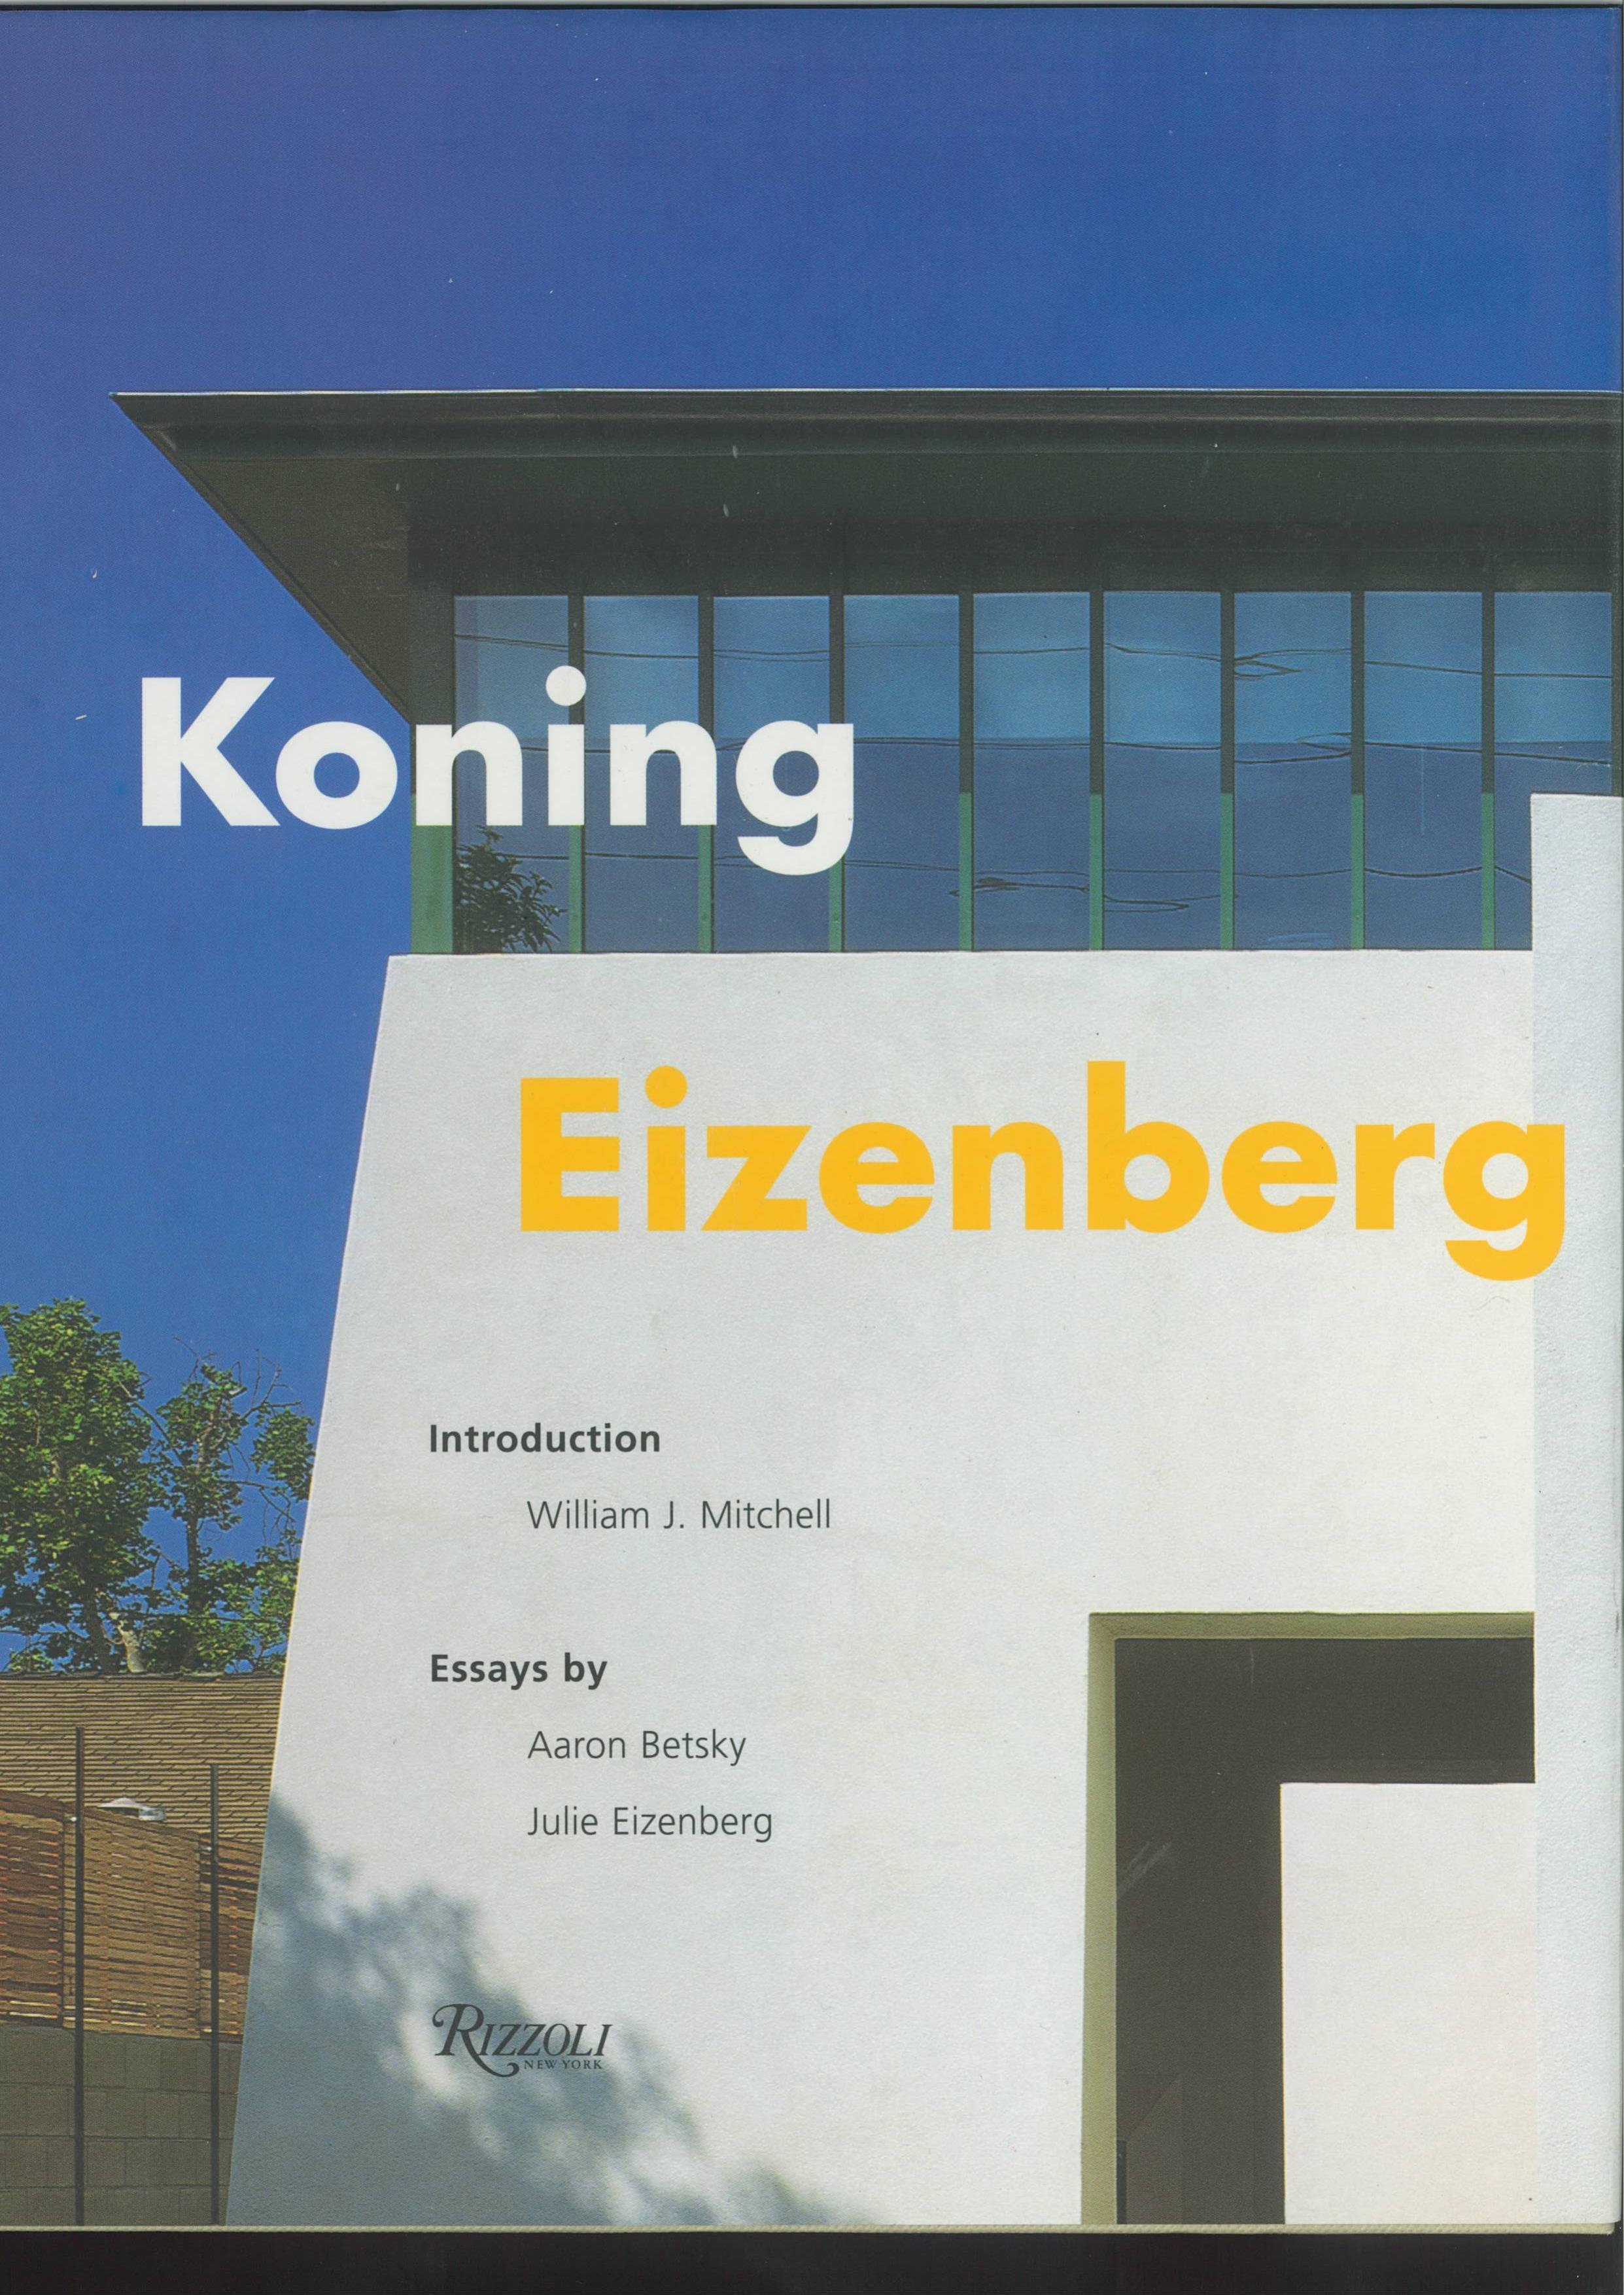 Koning Eizenberg, 1996